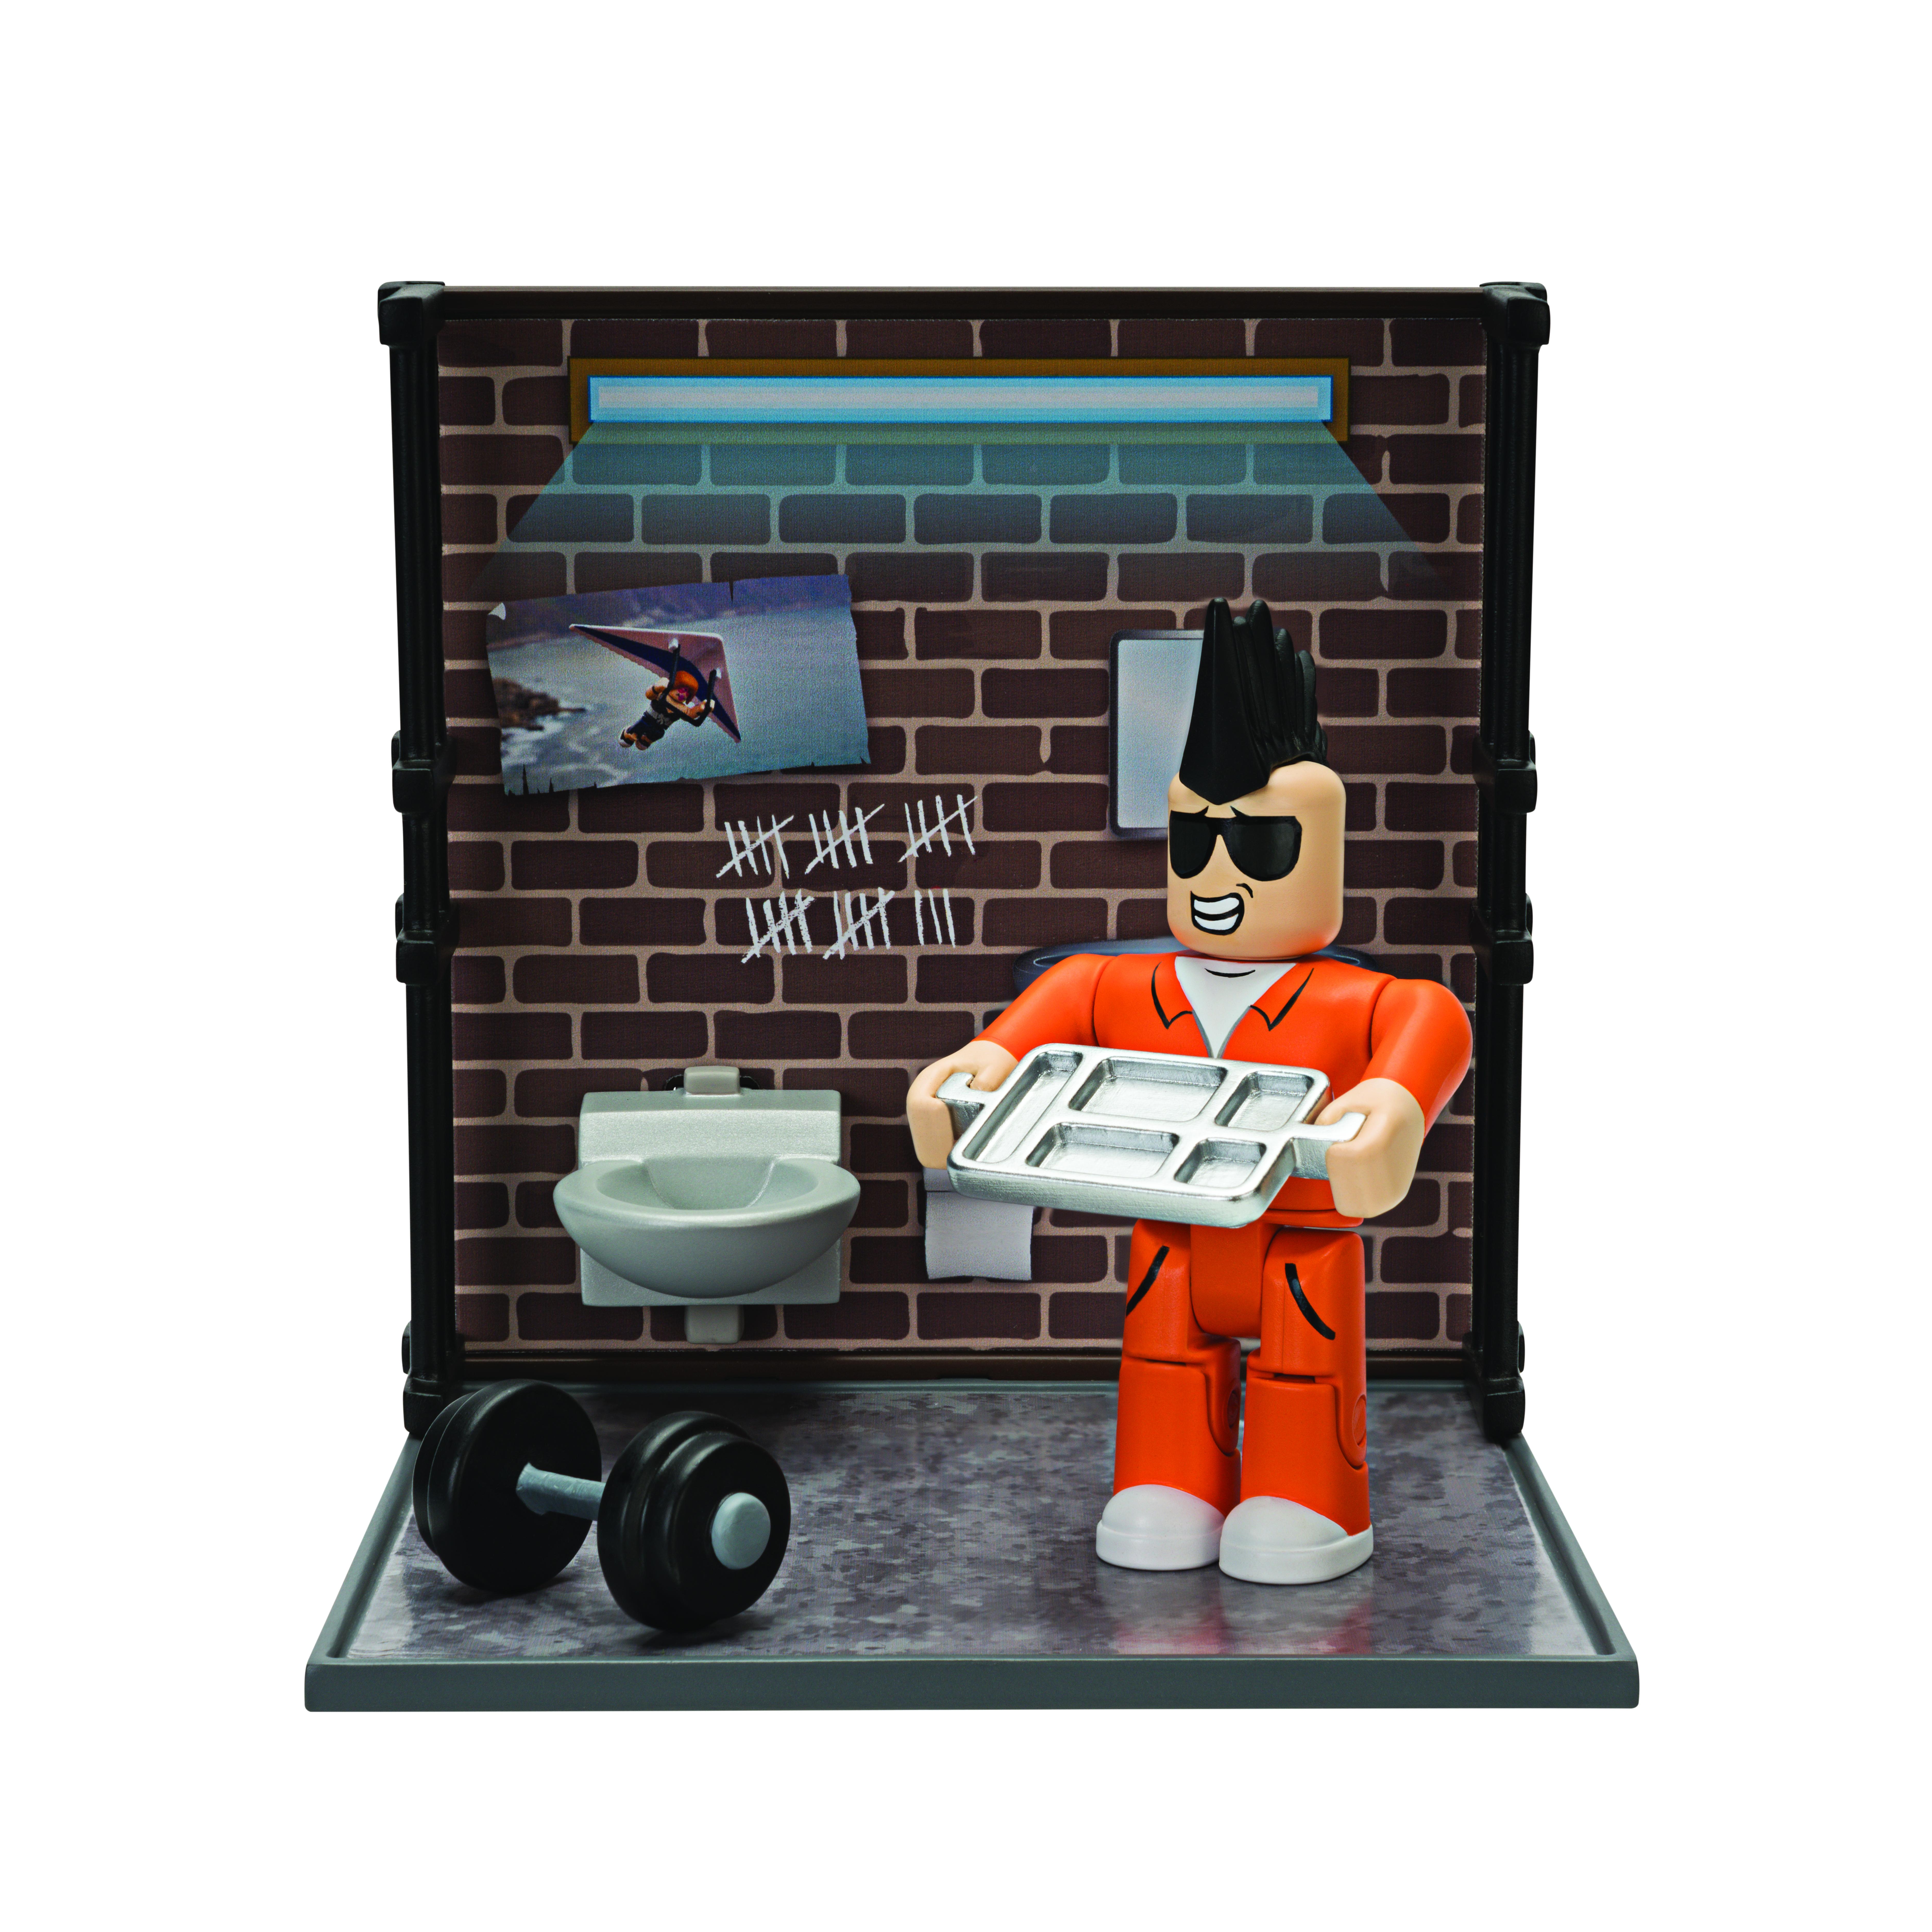 ROBLOX DESKTOP SERIES - Jailbreak: Personal Time